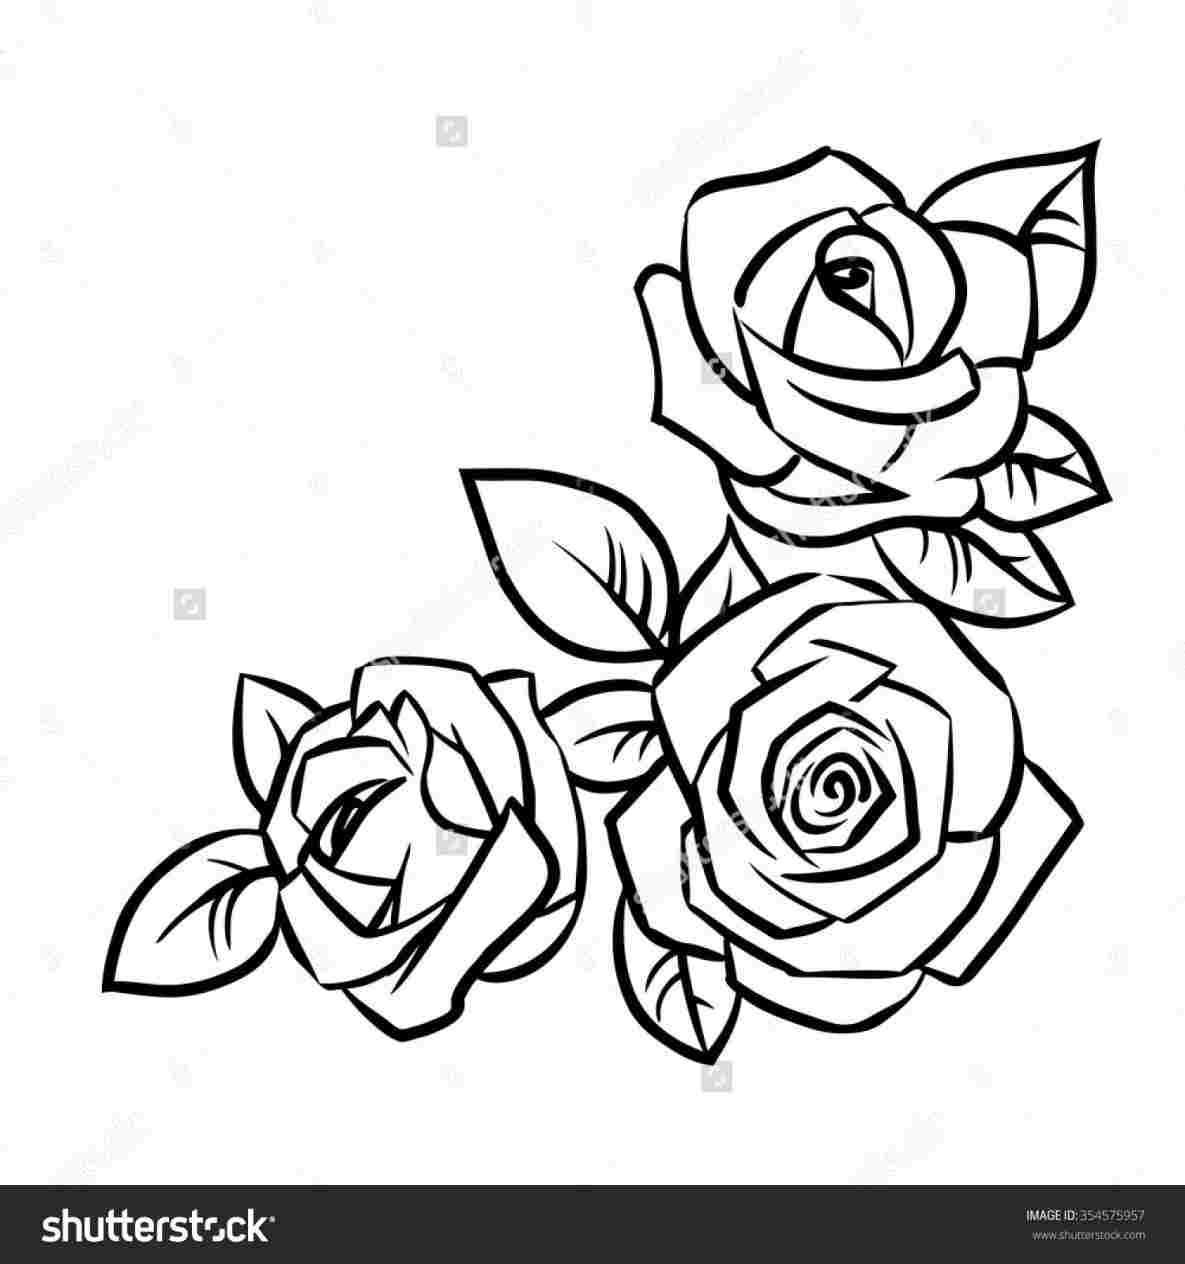 1185x1264 Rose Flower Basket Drawing